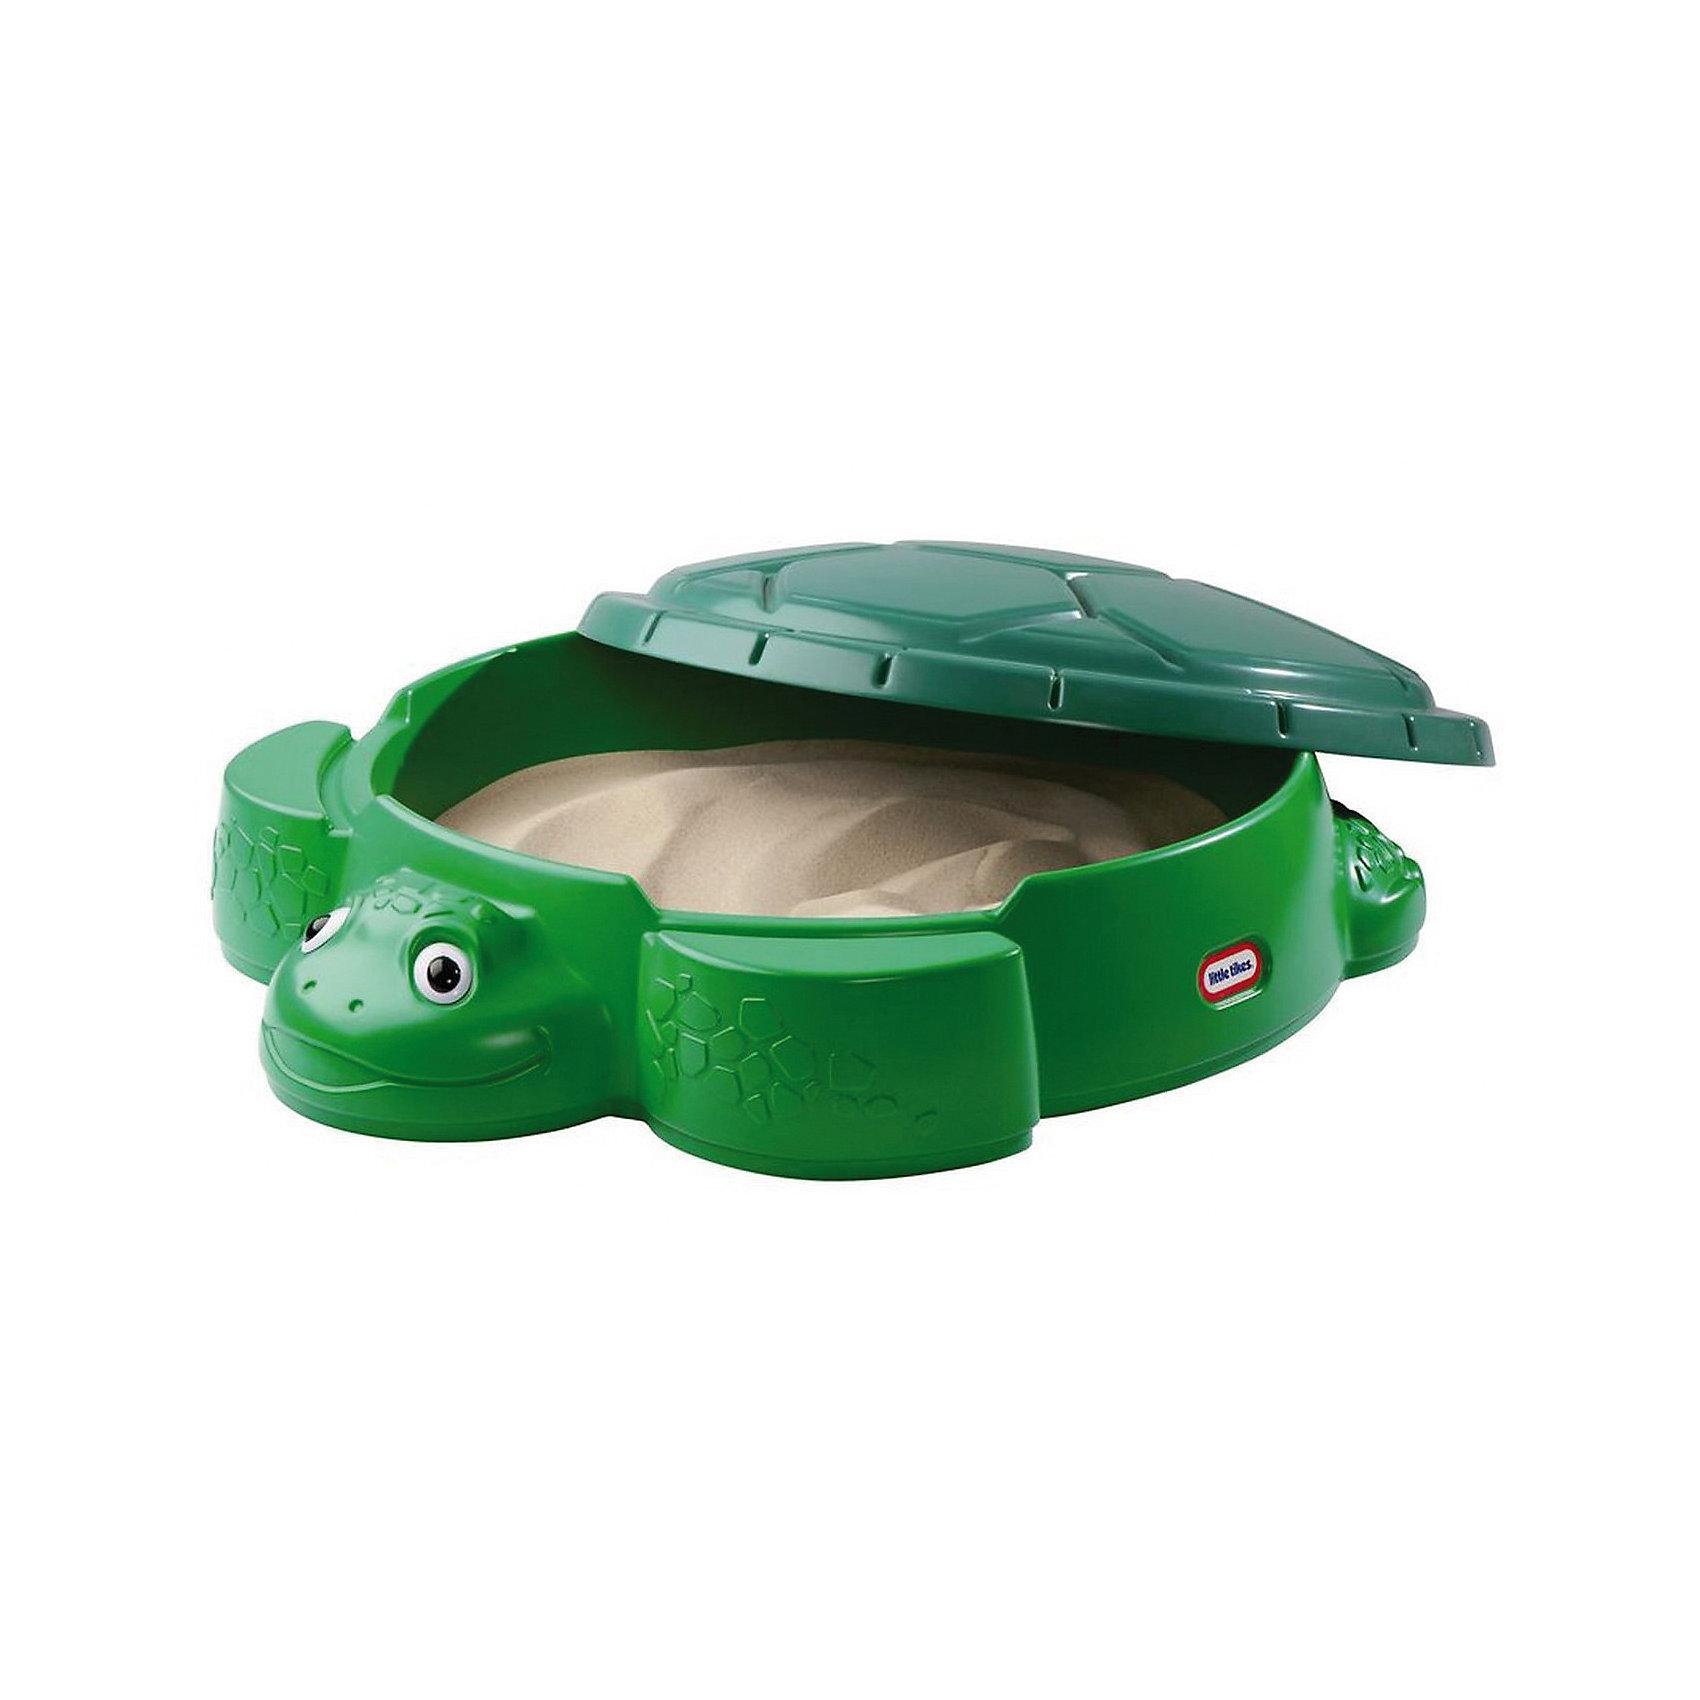 Little Tikes Песочница Черепаха с крышкой, Little Tikes органайзер little tikes органайзер карман для детских принадлежностей seat pal серый